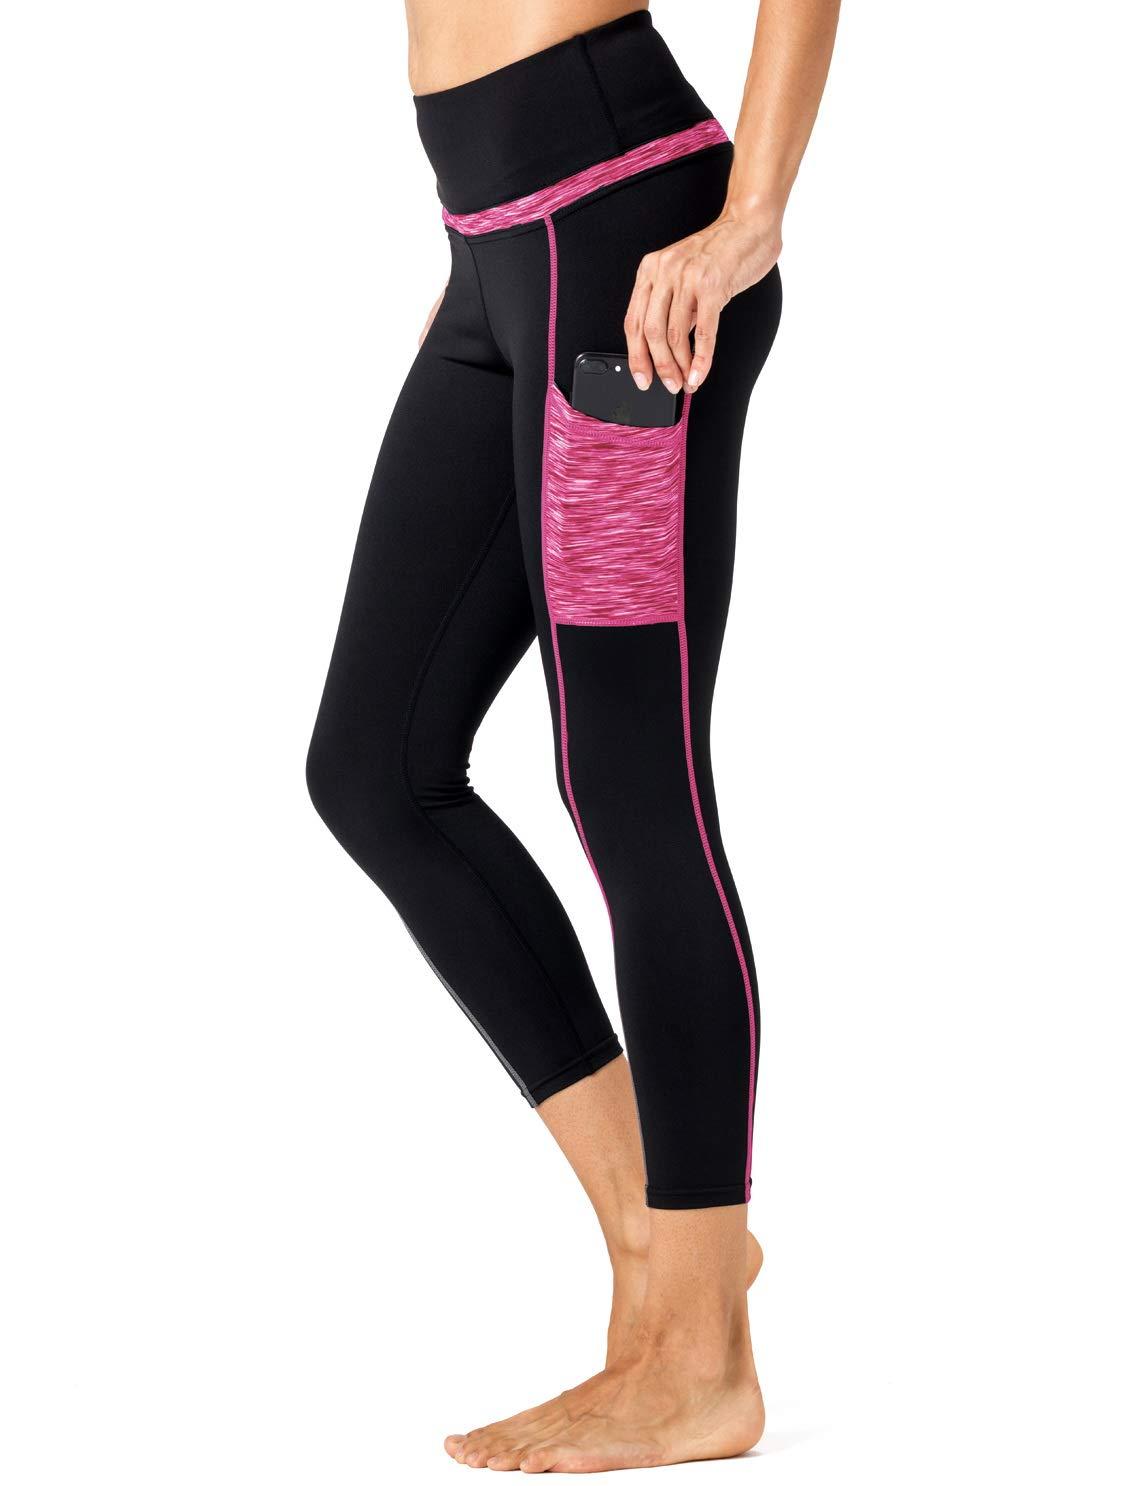 【お気にいる】 ChiFun Legging-black メッシュ アスレチック ウォークアウト ヨガ M アクティブシャツ レディーススポーツウェア アスレチック ランニングトップ B07H5CGGQK Capri Legging-black & Fushcia M (Waist 27